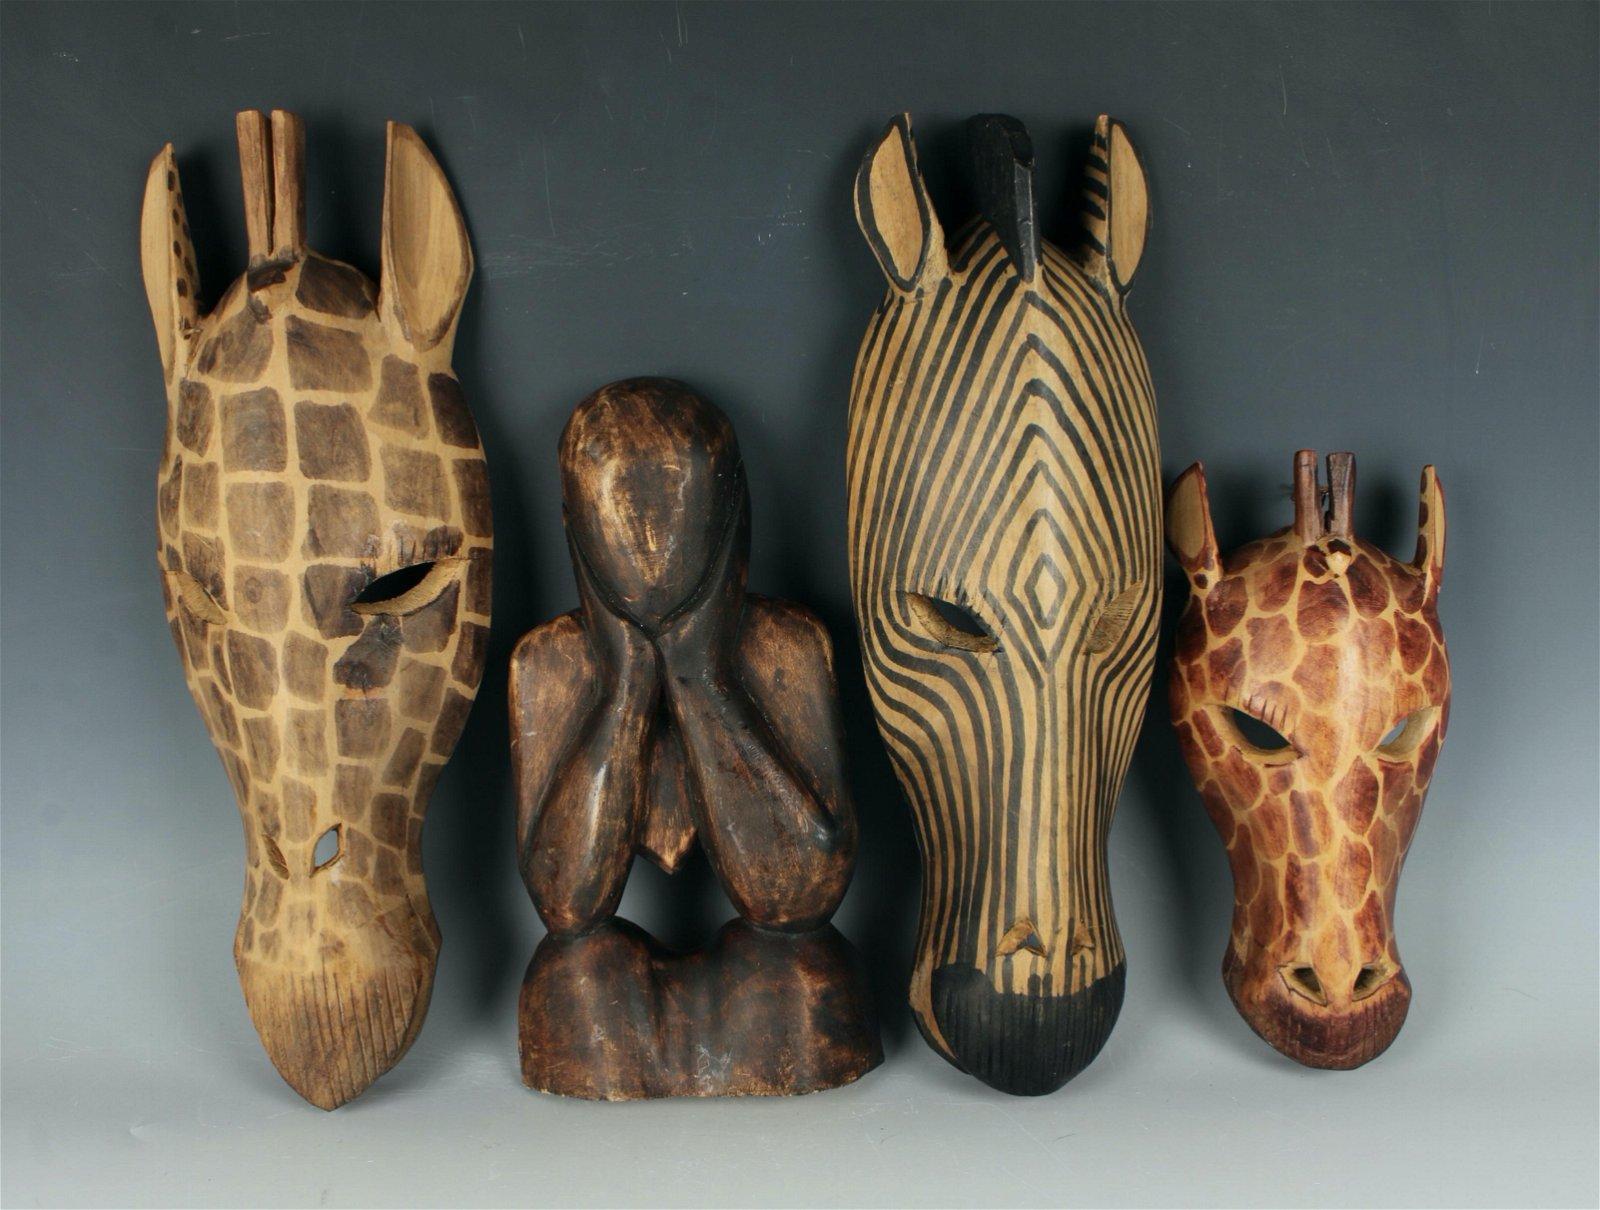 4 AFRICAN WOOD CARVINGS